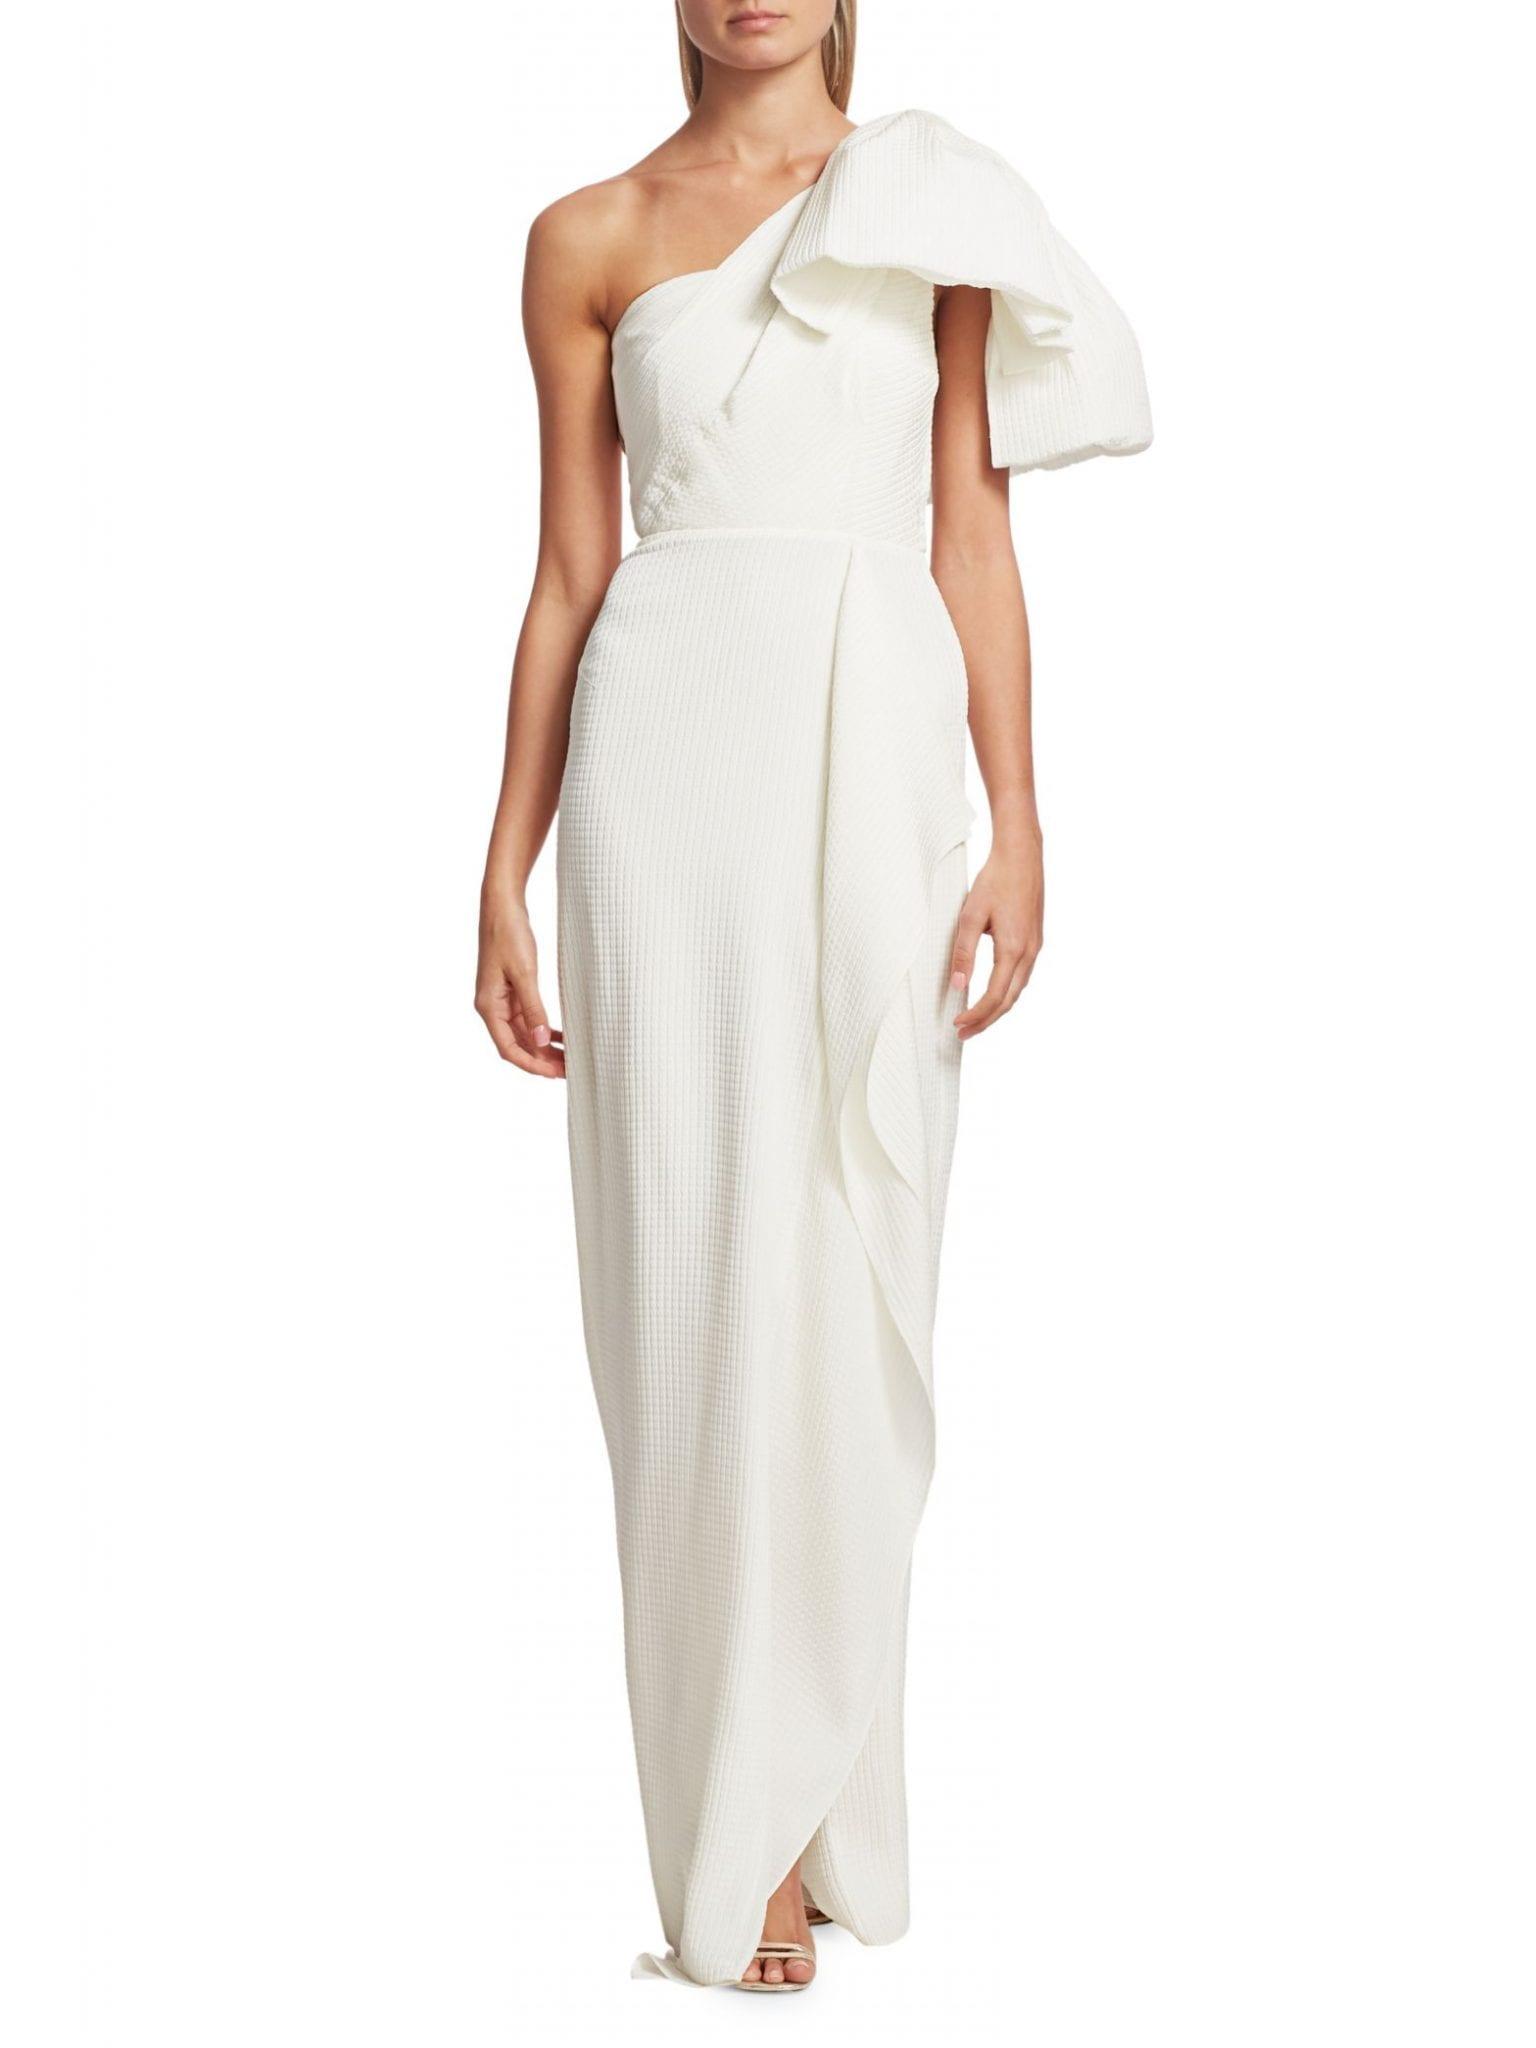 ROLAND MOURET Belhaven One-Shoulder Gown